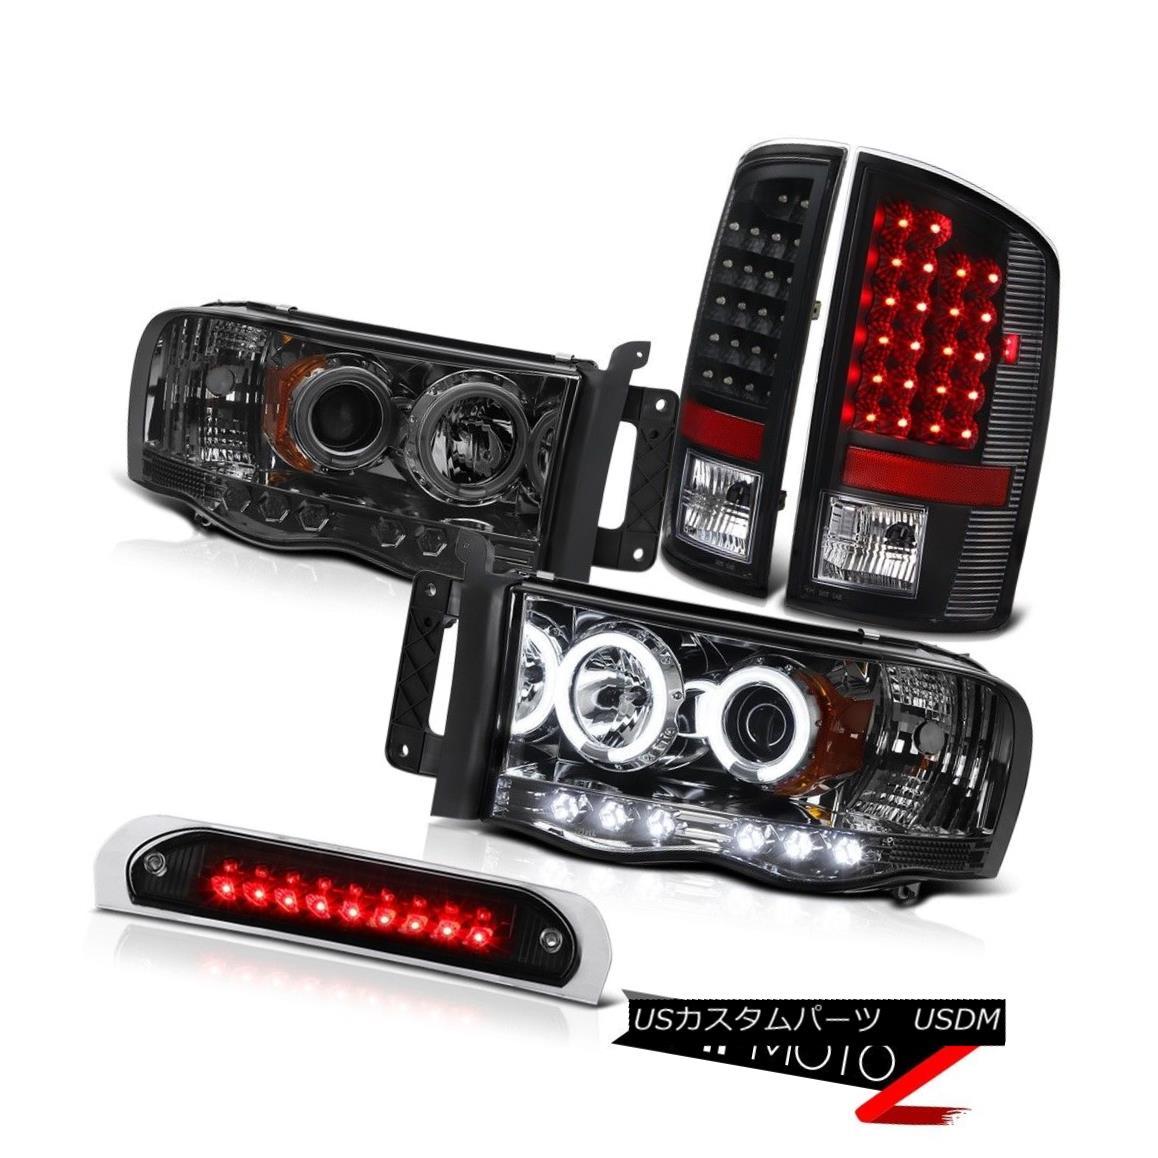 テールライト Tinted CCFL Angel Eye Headlights LED Bulbs Tail Lamps High Stop 02-05 Ram WS ティンテッドCCFLエンジェルアイヘッドライトLED電球テールランプハイストップ02-05 Ram WS